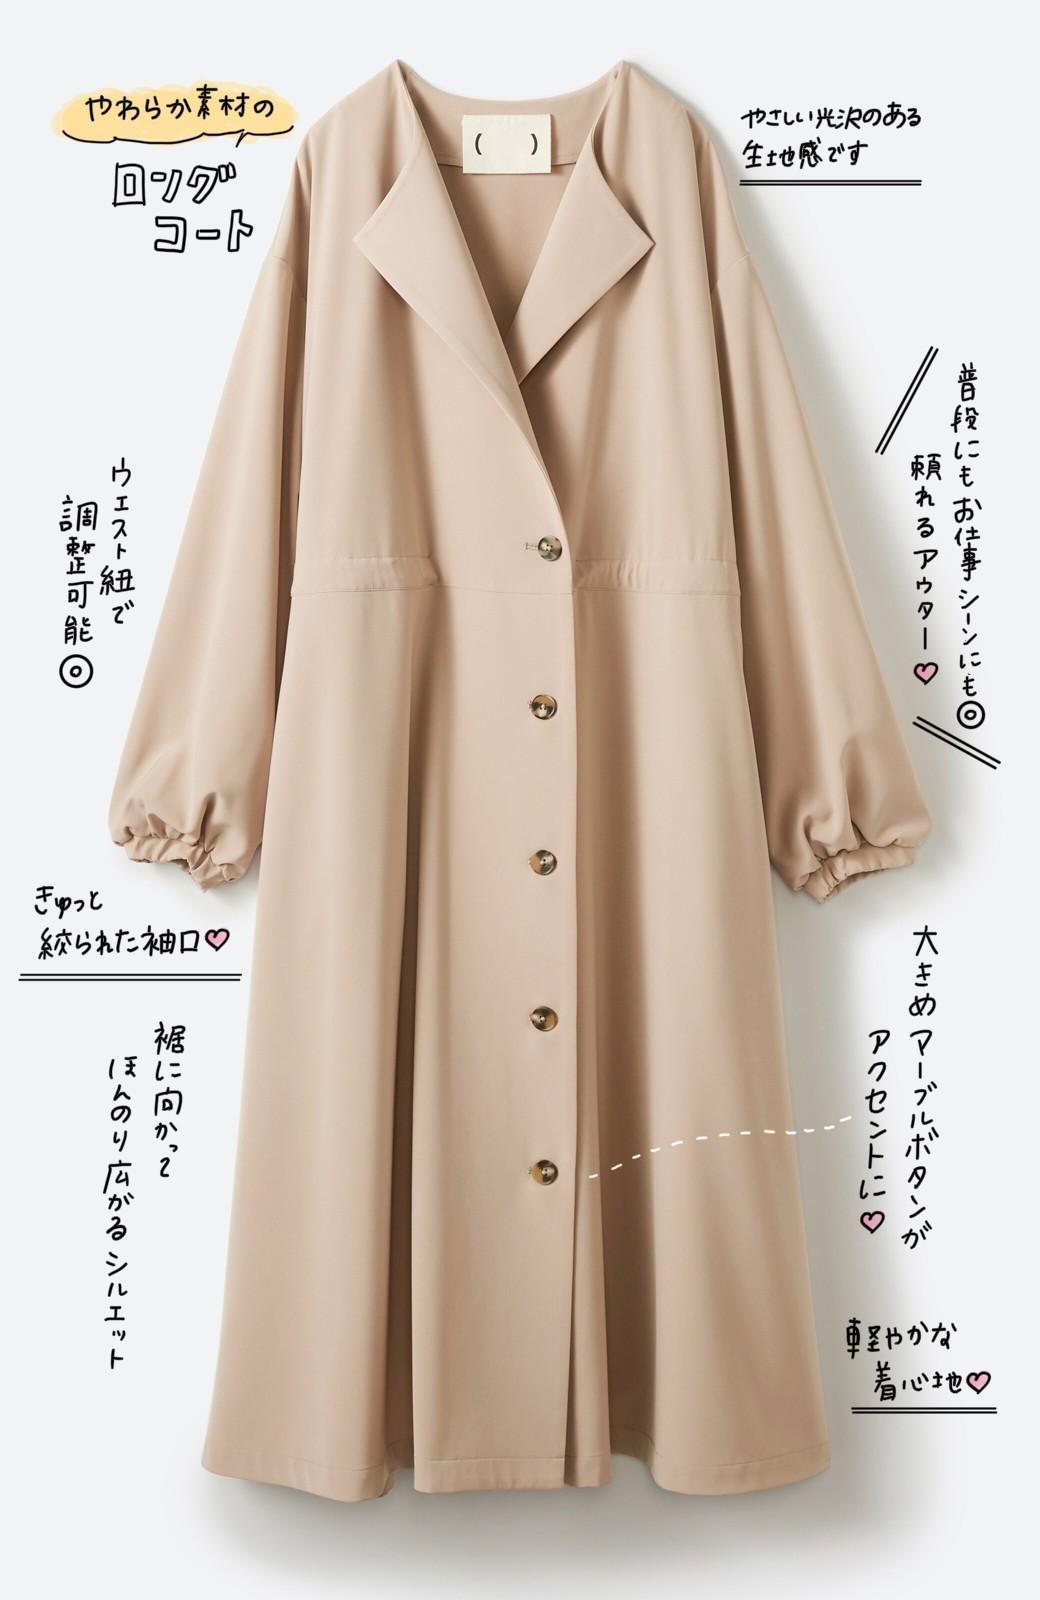 haco! さっと羽織って女っぽさプラス!気分もルンとするやわらか素材のロングコート <ベージュ>の商品写真3